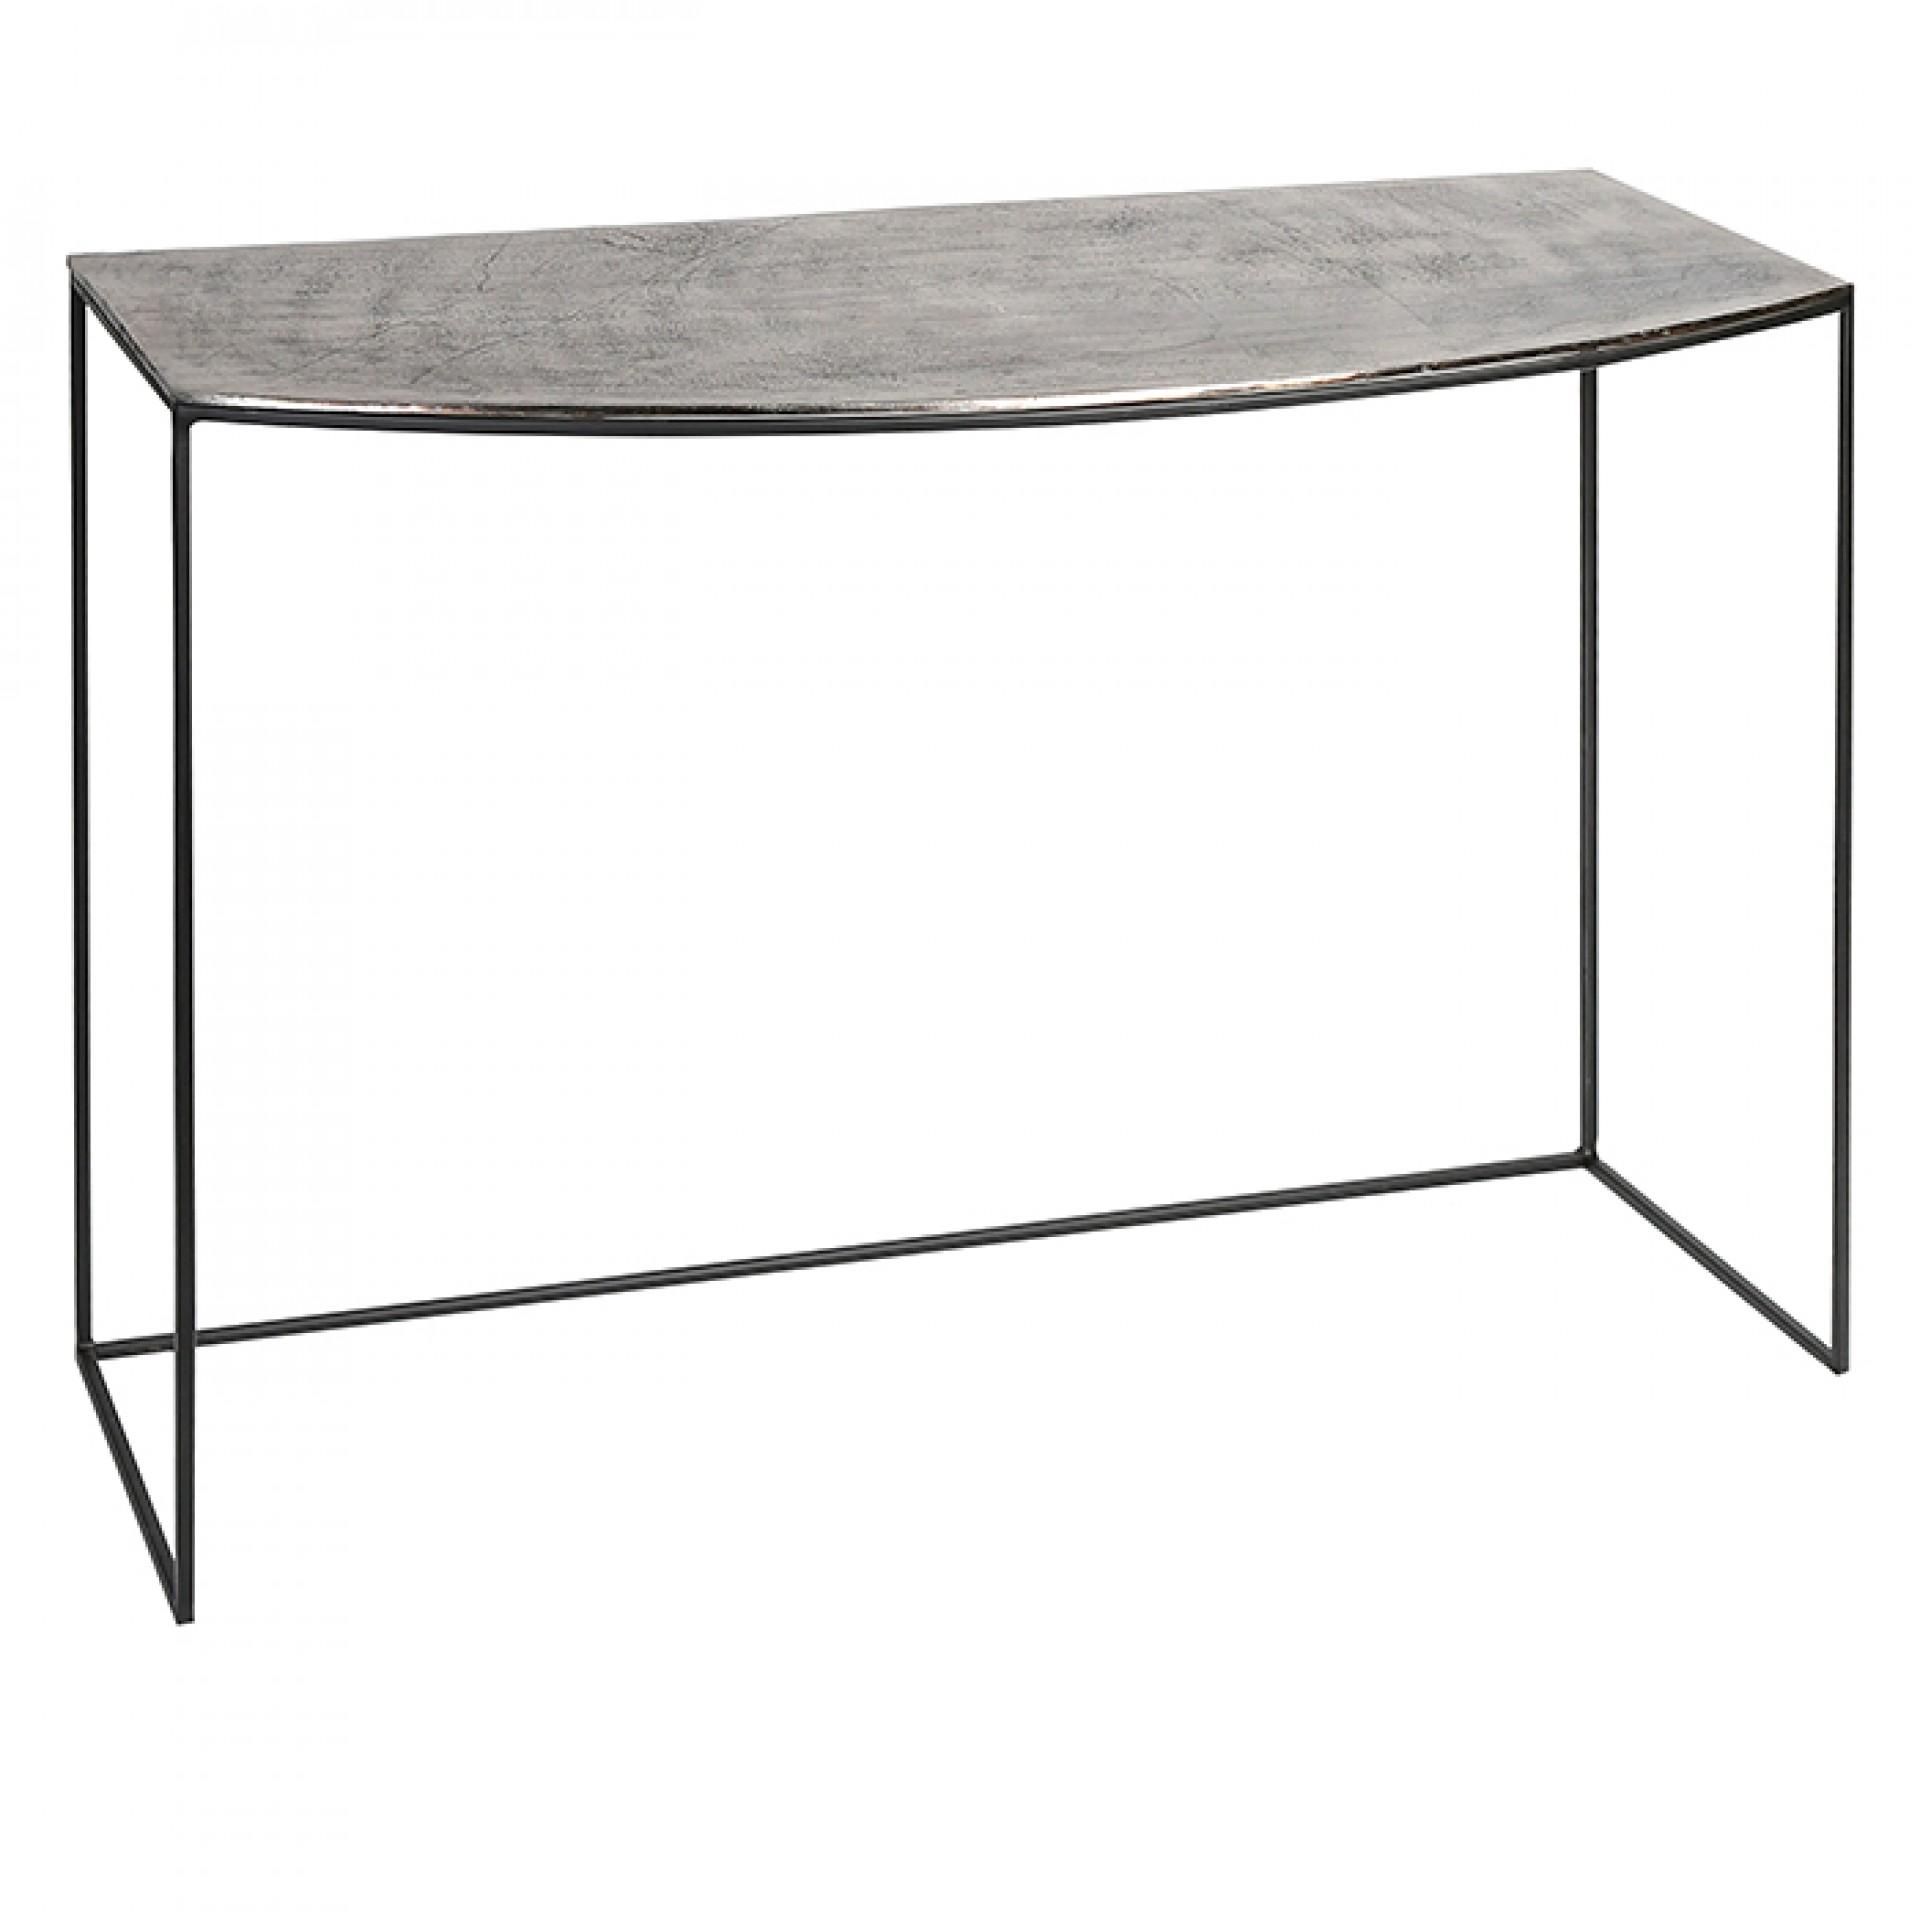 Hliníkový odkládací stůl Millenium, 102 cm